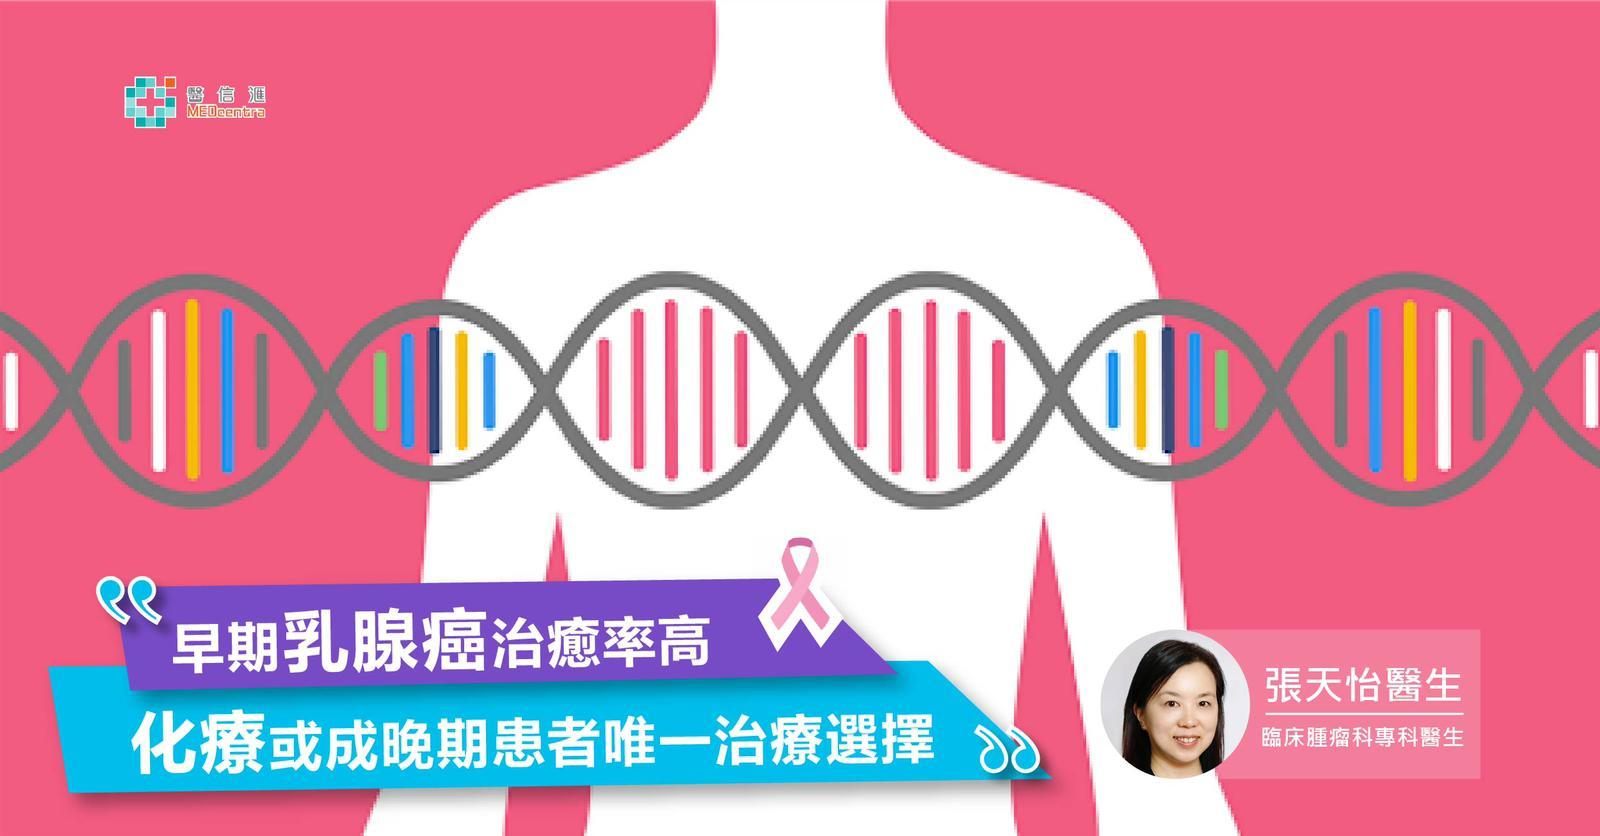 早期乳腺癌治癒率高<br> 化療或成晚期患者唯一治療選擇